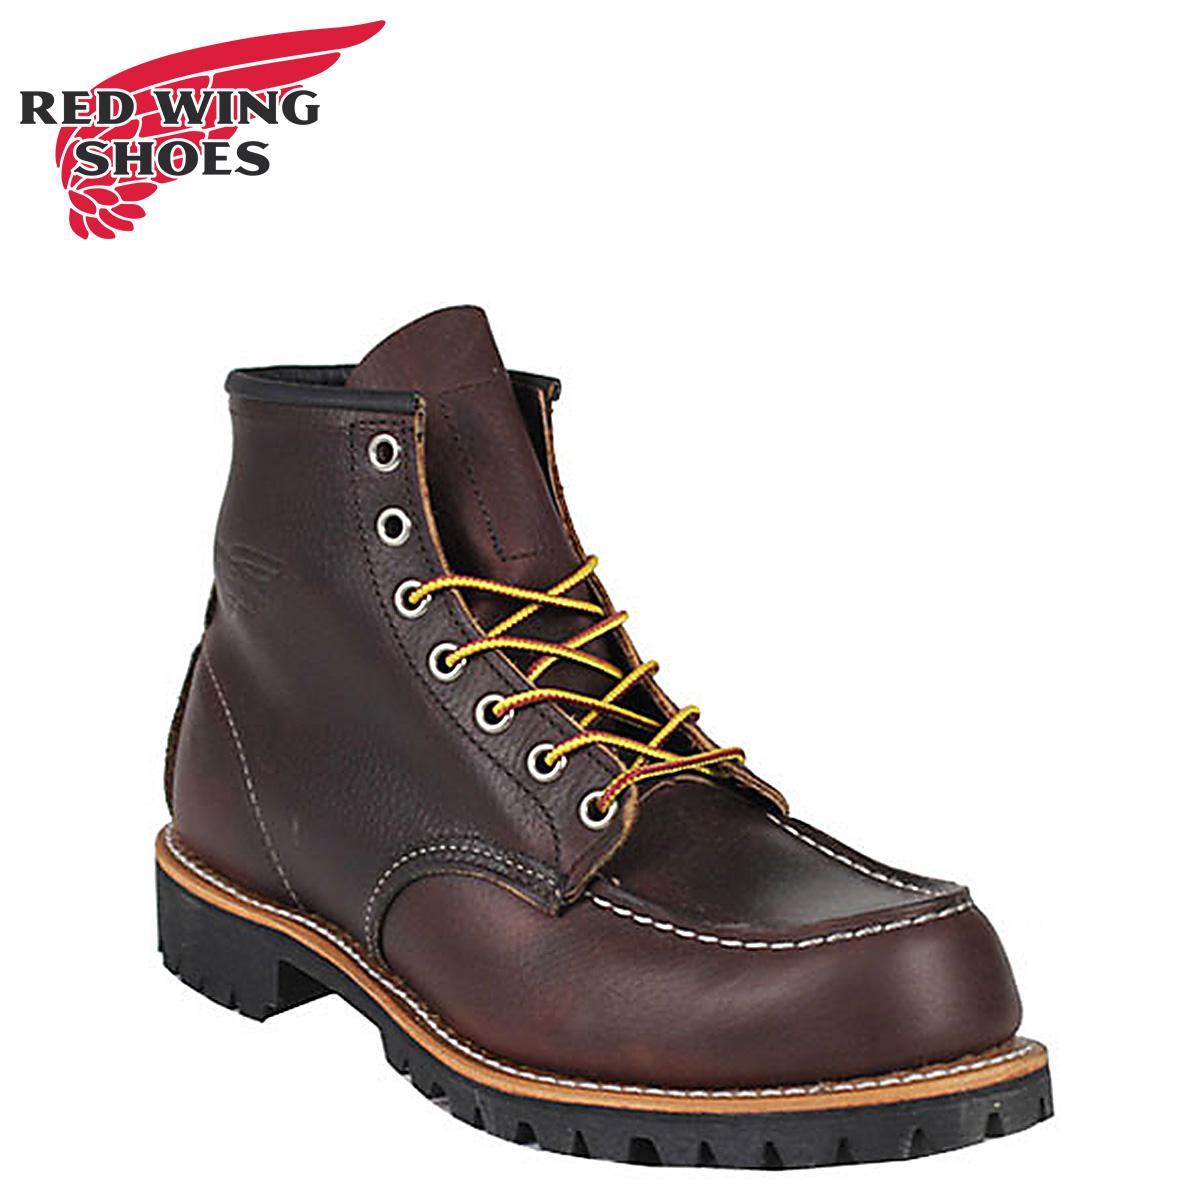 レッドウィング RED WING ブーツ アイリッシュセッター ROUGHNECK 6INCH BOOT アイリッシュセッターブーツ Dワイズ 8146 メンズ レディース